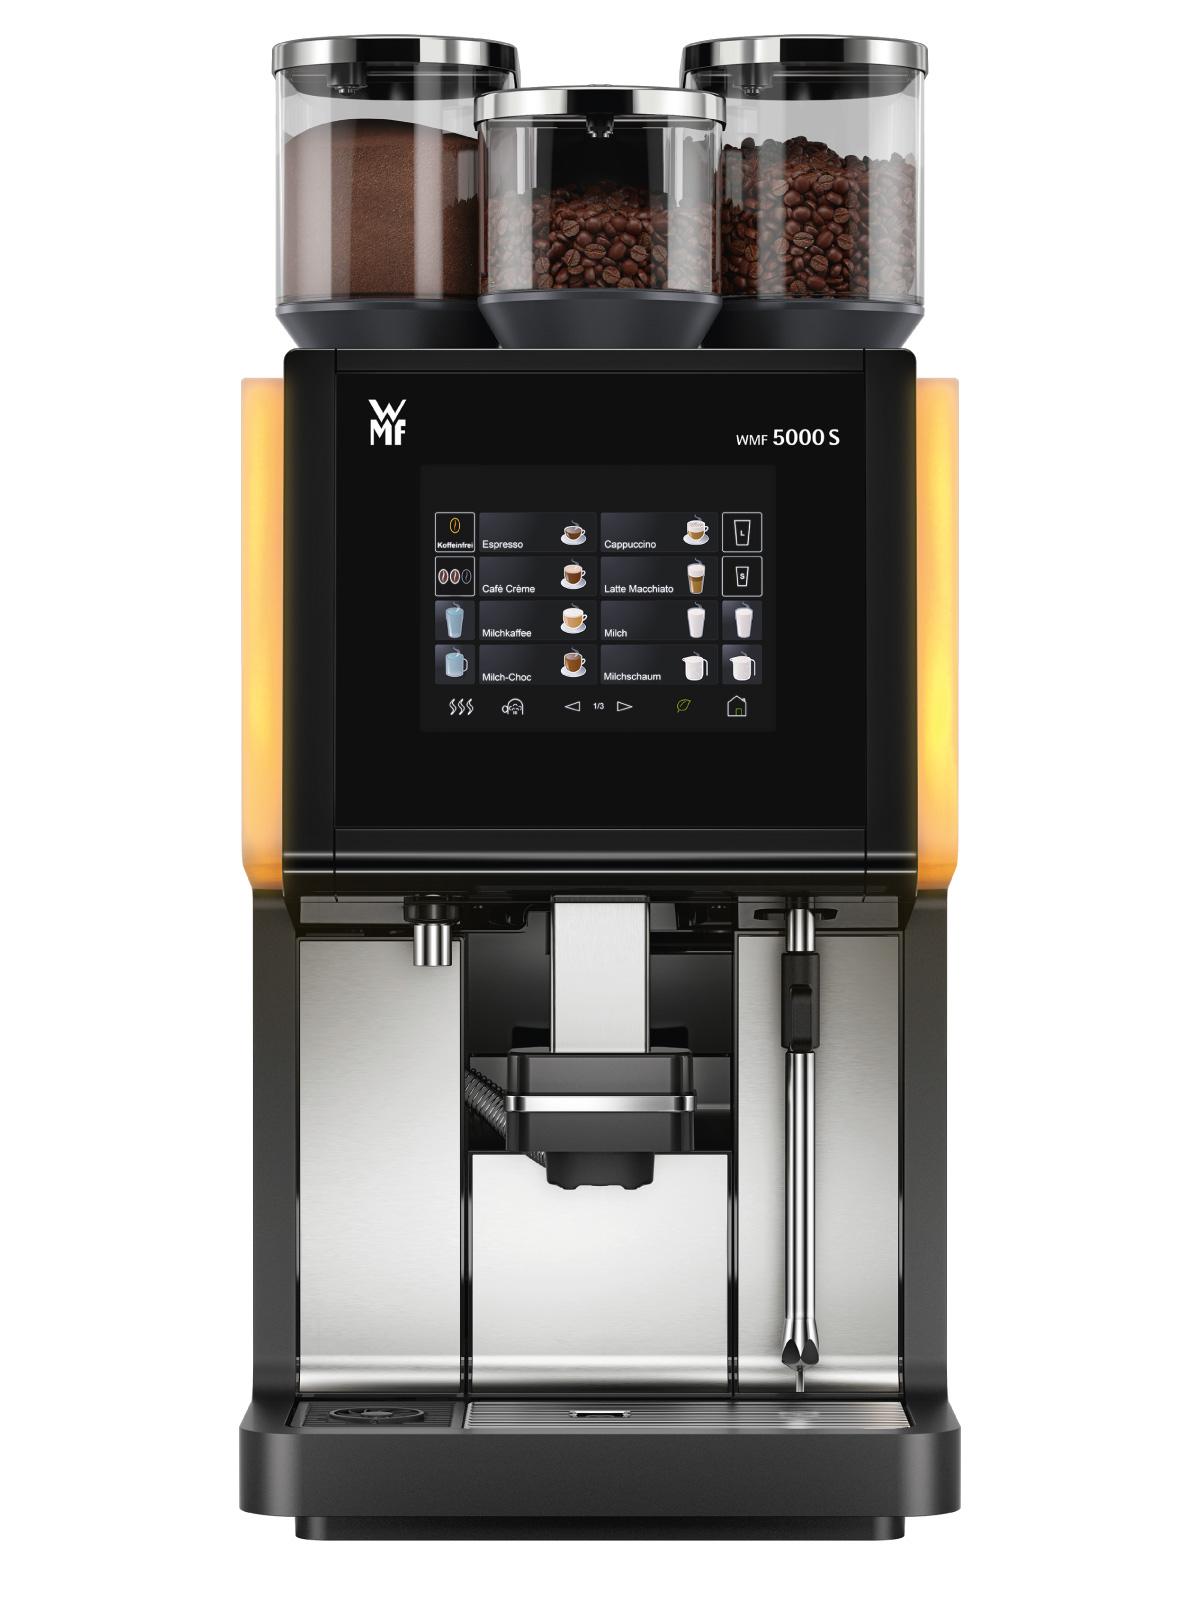 WMF 5000S, WMF , Espressor, HoReCa, Aparat de cafea, Cappuccino, Cafea boabe, Latte Machiatto